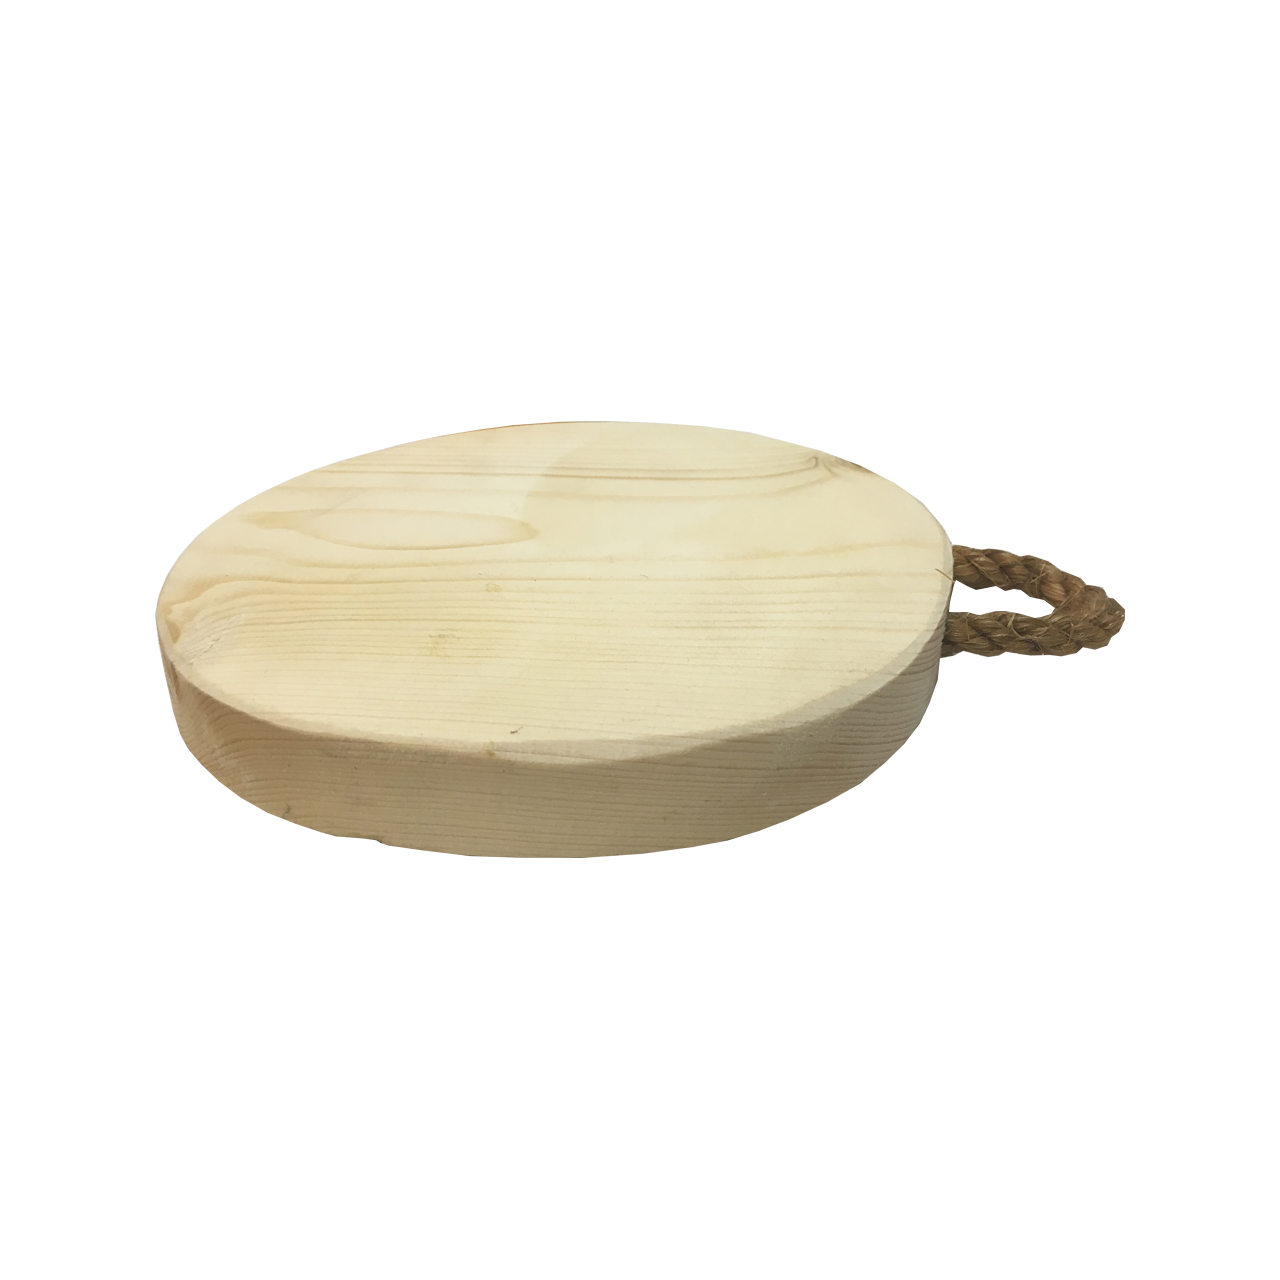 تخته گوشت چوبی آرونی مدل پاپیتال s1